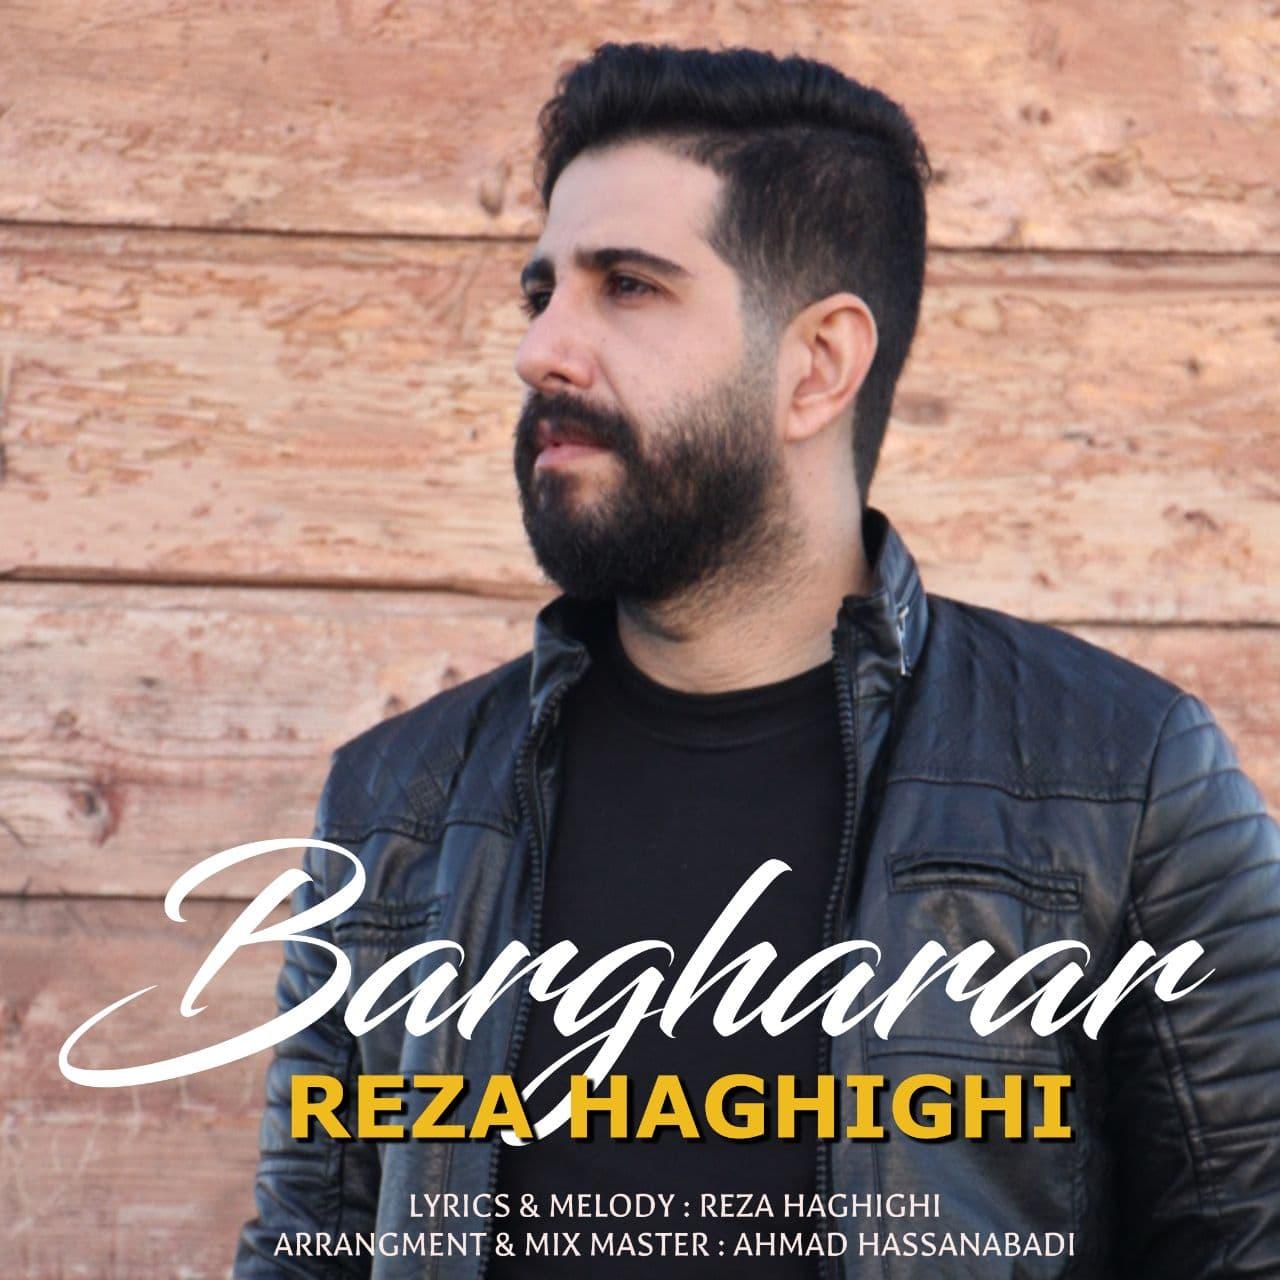 Reza Haghighi – Bargharar